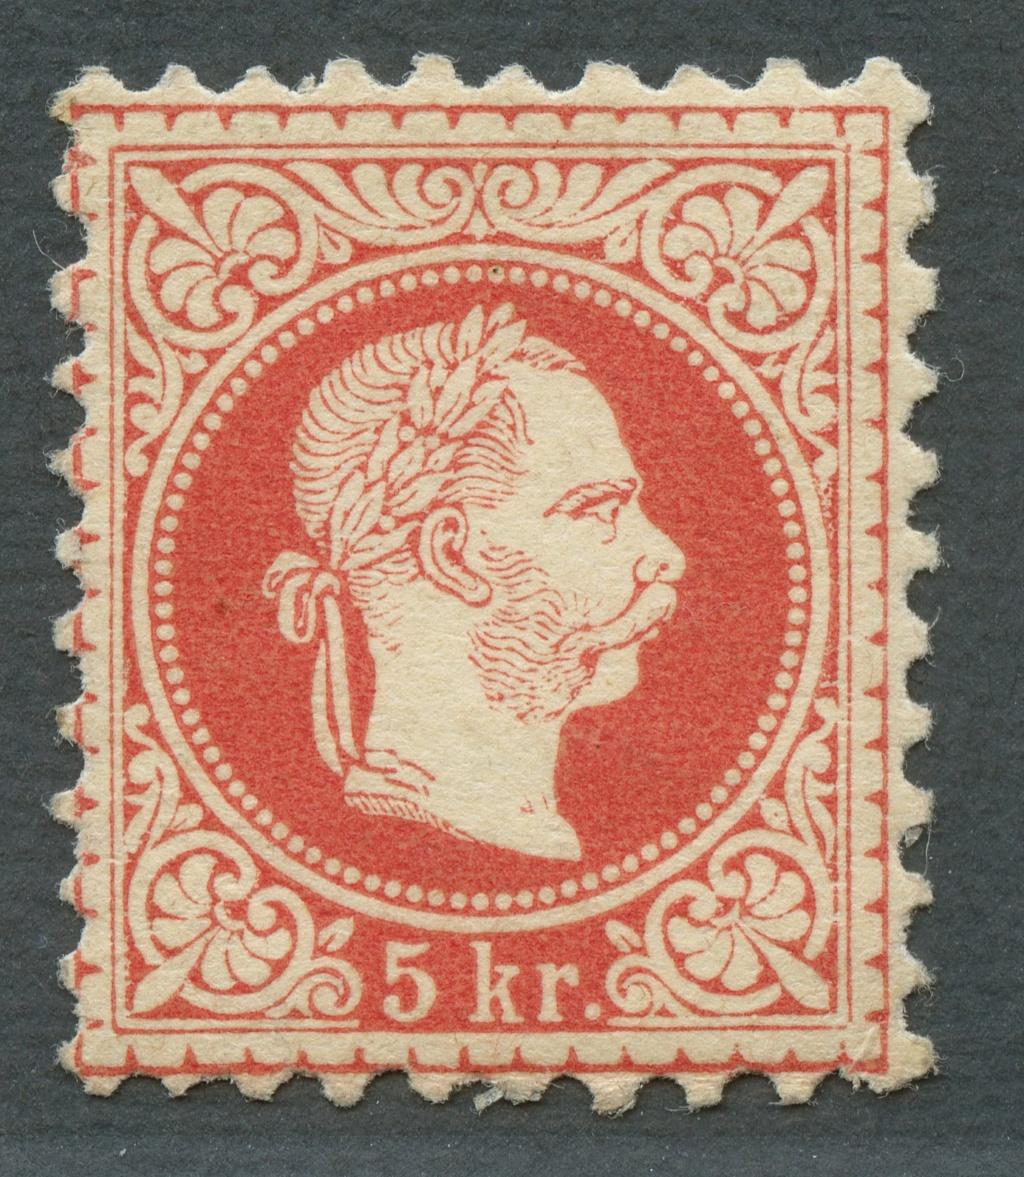 Nachtrag - Freimarken-Ausgabe 1867 : Kopfbildnis Kaiser Franz Joseph I - Seite 22 Ank_3710